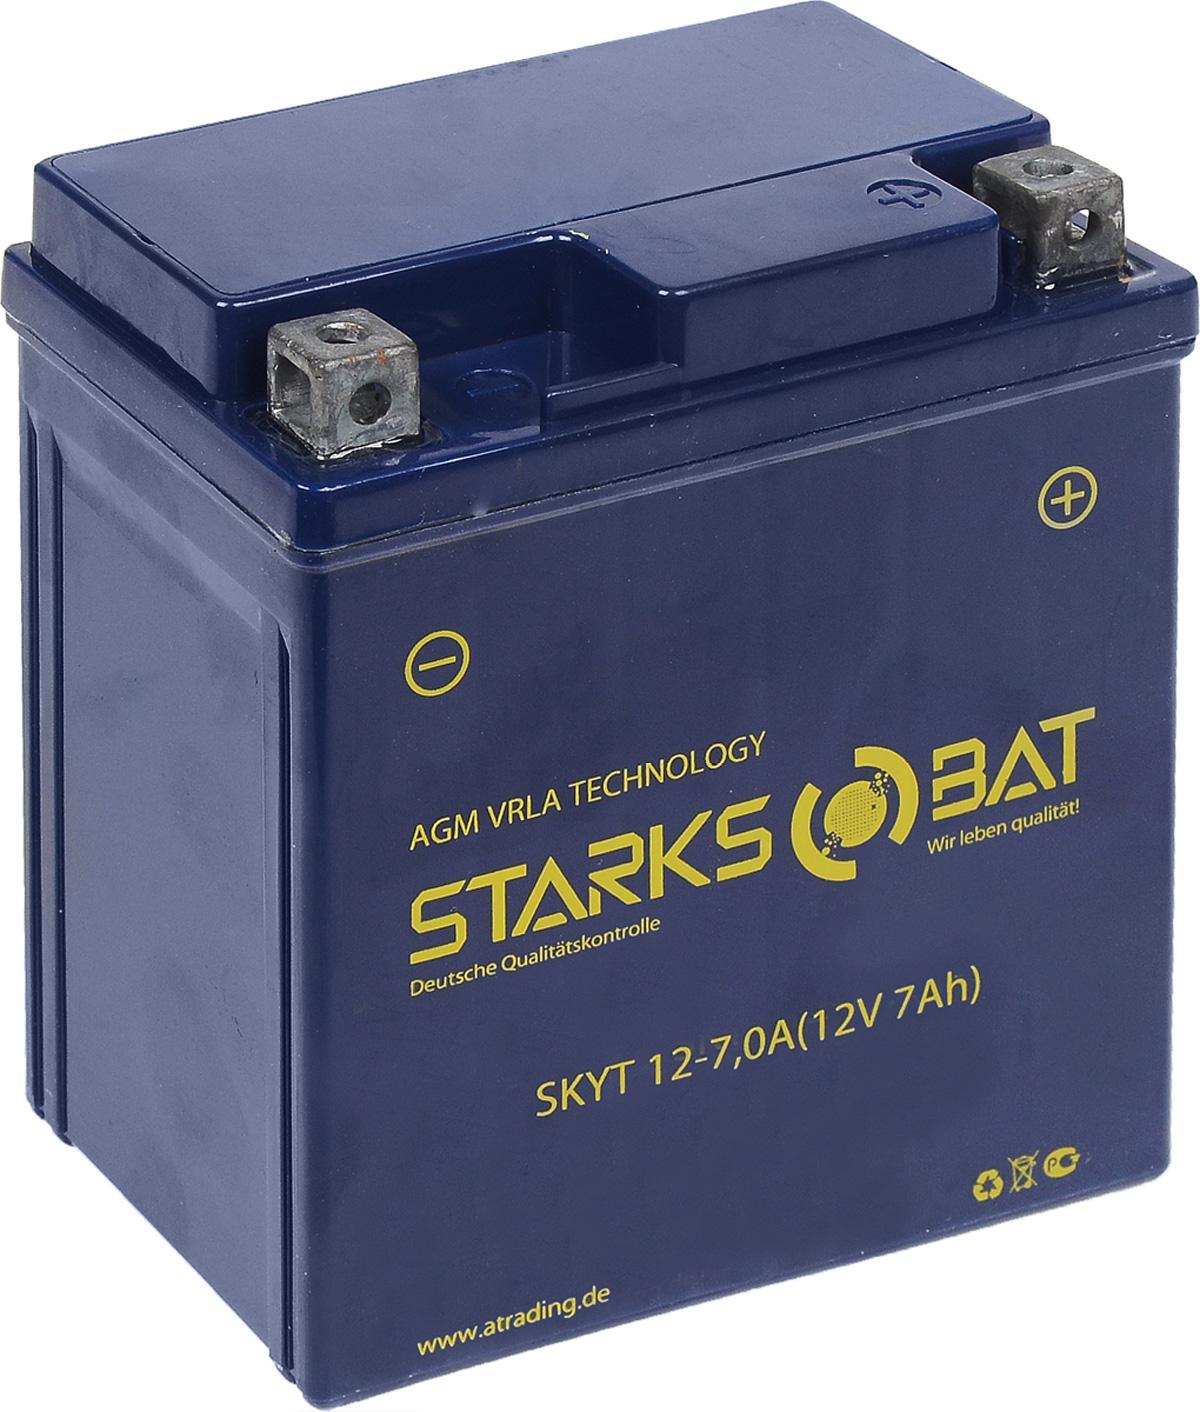 Батарея аккумуляторная для мотоциклов Starksbat. YT 12-7.0А (YTX7L-BS)YT 12-7.0AАккумулятор Starksbat изготовлен по технологии AGM, обеспечивающей повышенный уровень безопасности батареи и удобство ее эксплуатации. Корпус выполнен из особо ударопрочного и морозостойкого полипропилена. Аккумулятор блестяще доказал свои высокие эксплуатационные свойства в самых экстремальных условиях бездорожья, высоких и низких температур. Аккумуляторная батарея Starksbat производится под знаменитым немецким контролем качества, что обеспечивает ему высокие пусковые характеристики и восстановление емкости даже после глубокого разряда. Напряжение: 12 В. Емкость: 7 Ач. Полярность: прямая (+ -). Ток холодной прокрутки: 115 Аh (EN).